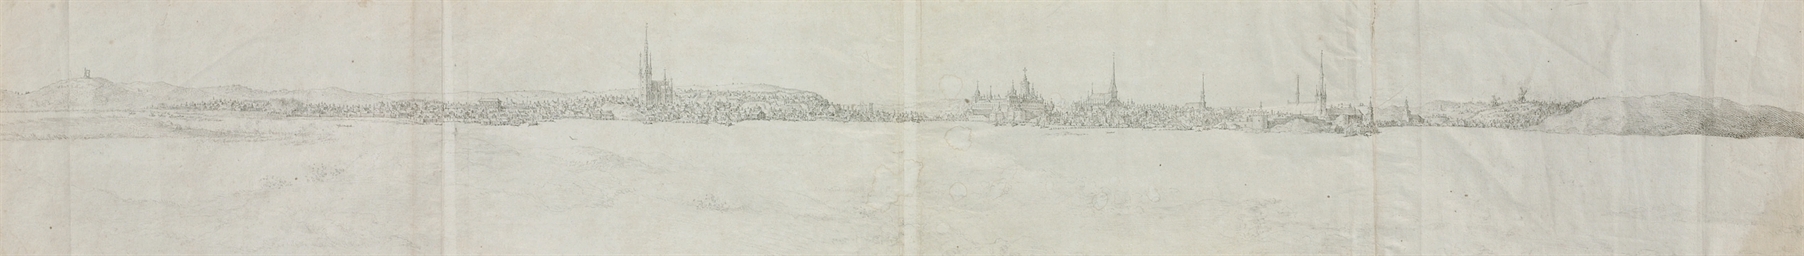 Vue panoramique de Stockholm